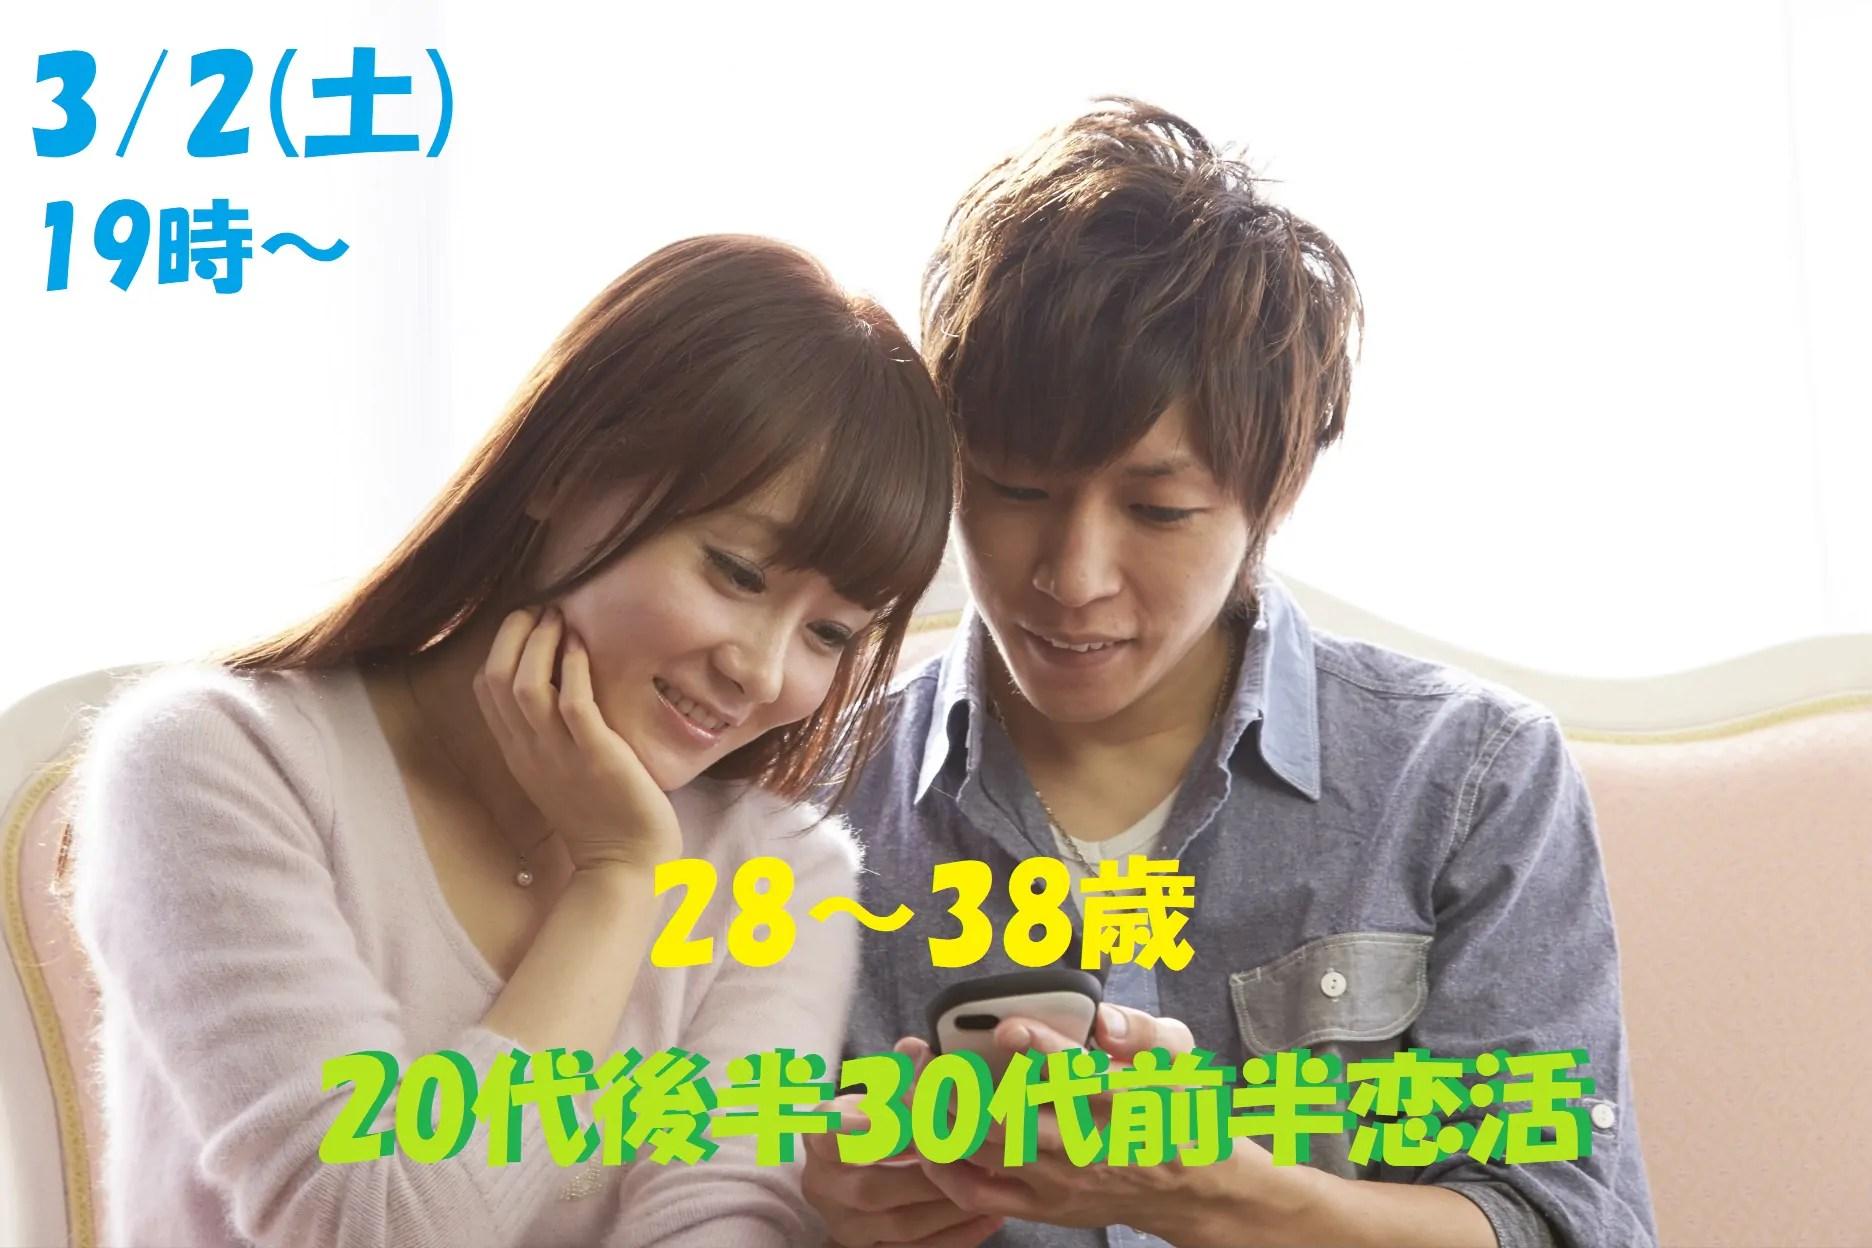 【終了】3月2日(土)19時~【28~38歳】良い人がいたら結婚したい!20代後半30代前半恋活!